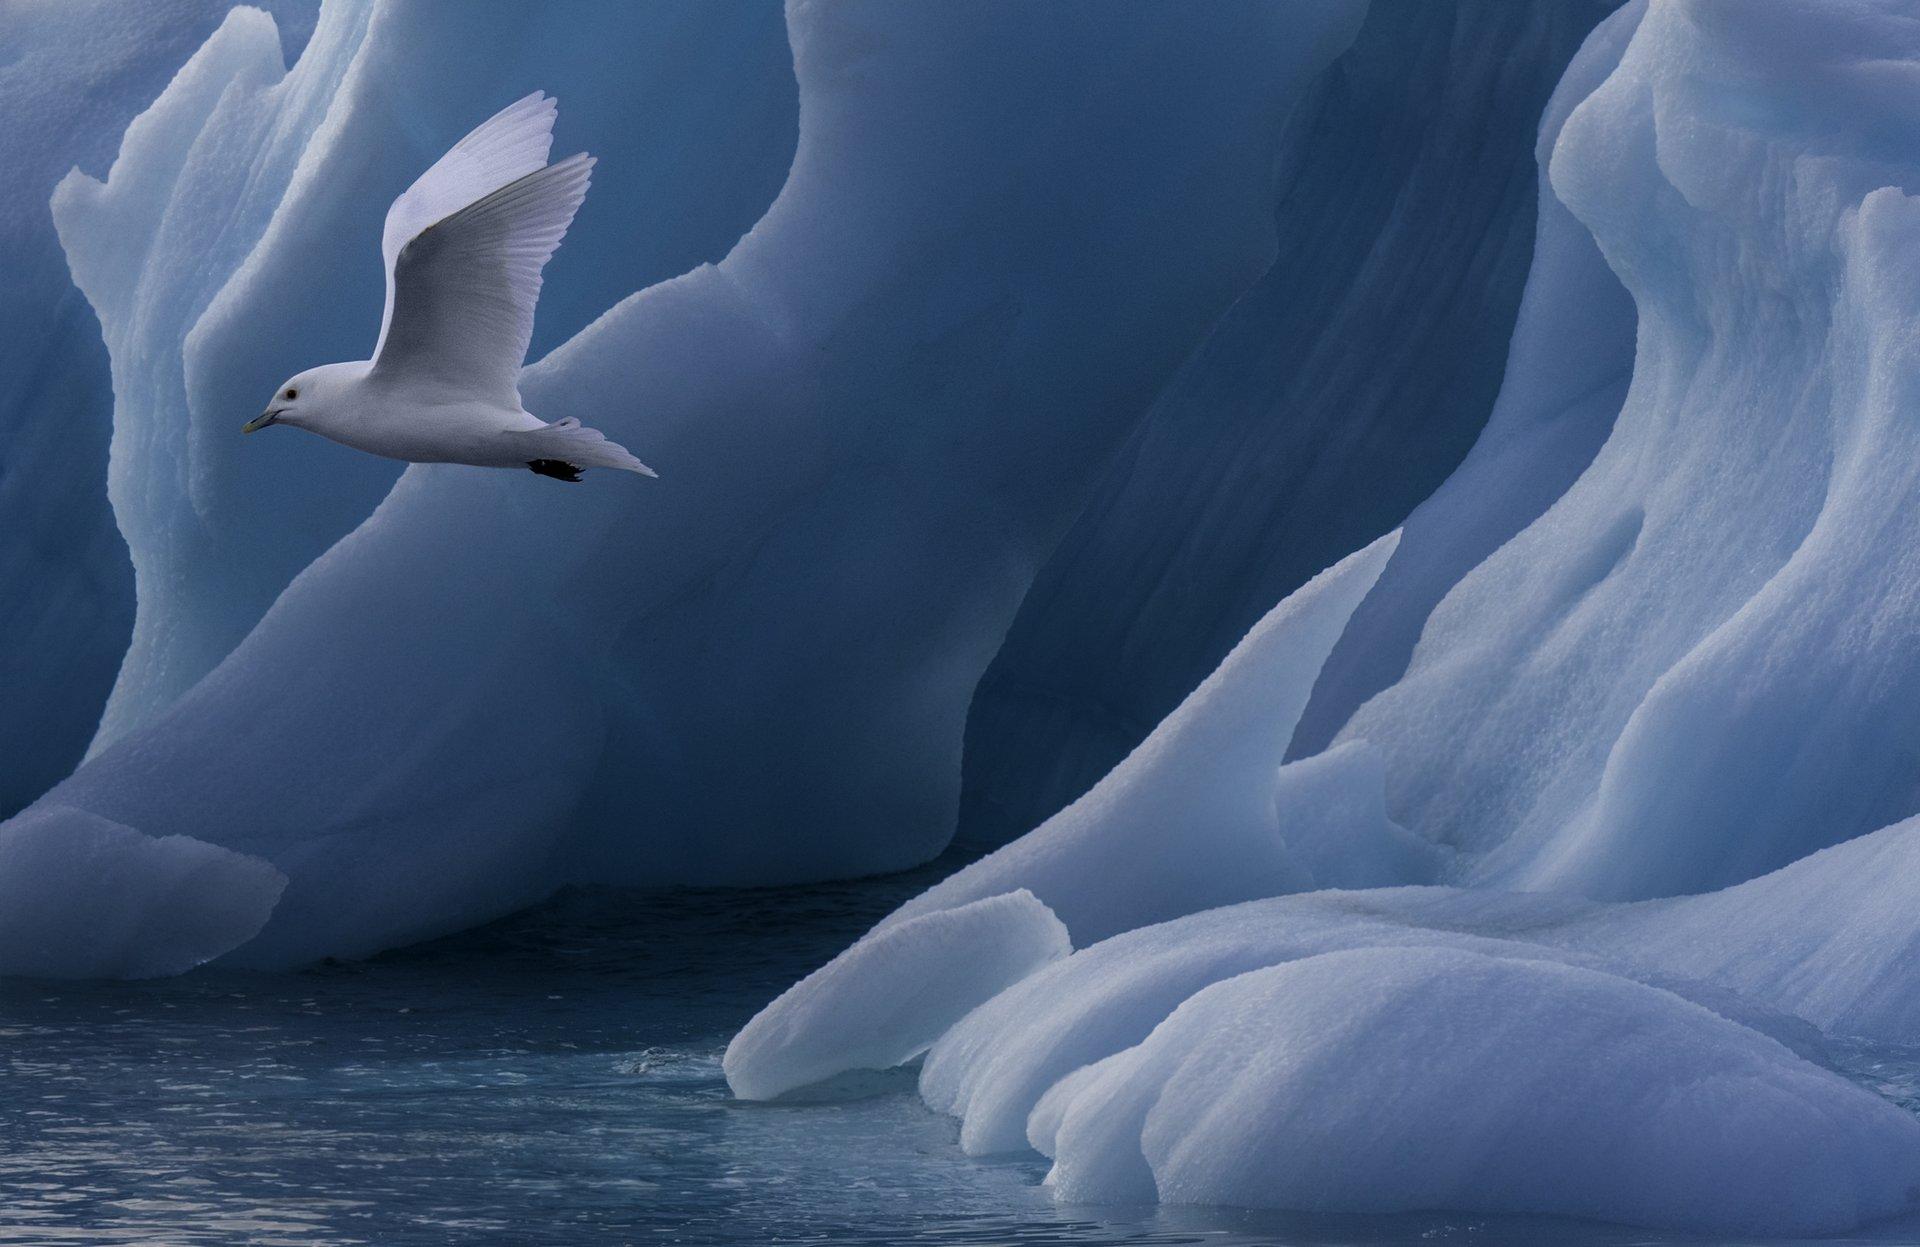 Frozen Beauty | Author Жоро  - HITTHEROAD | PHOTO FORUM